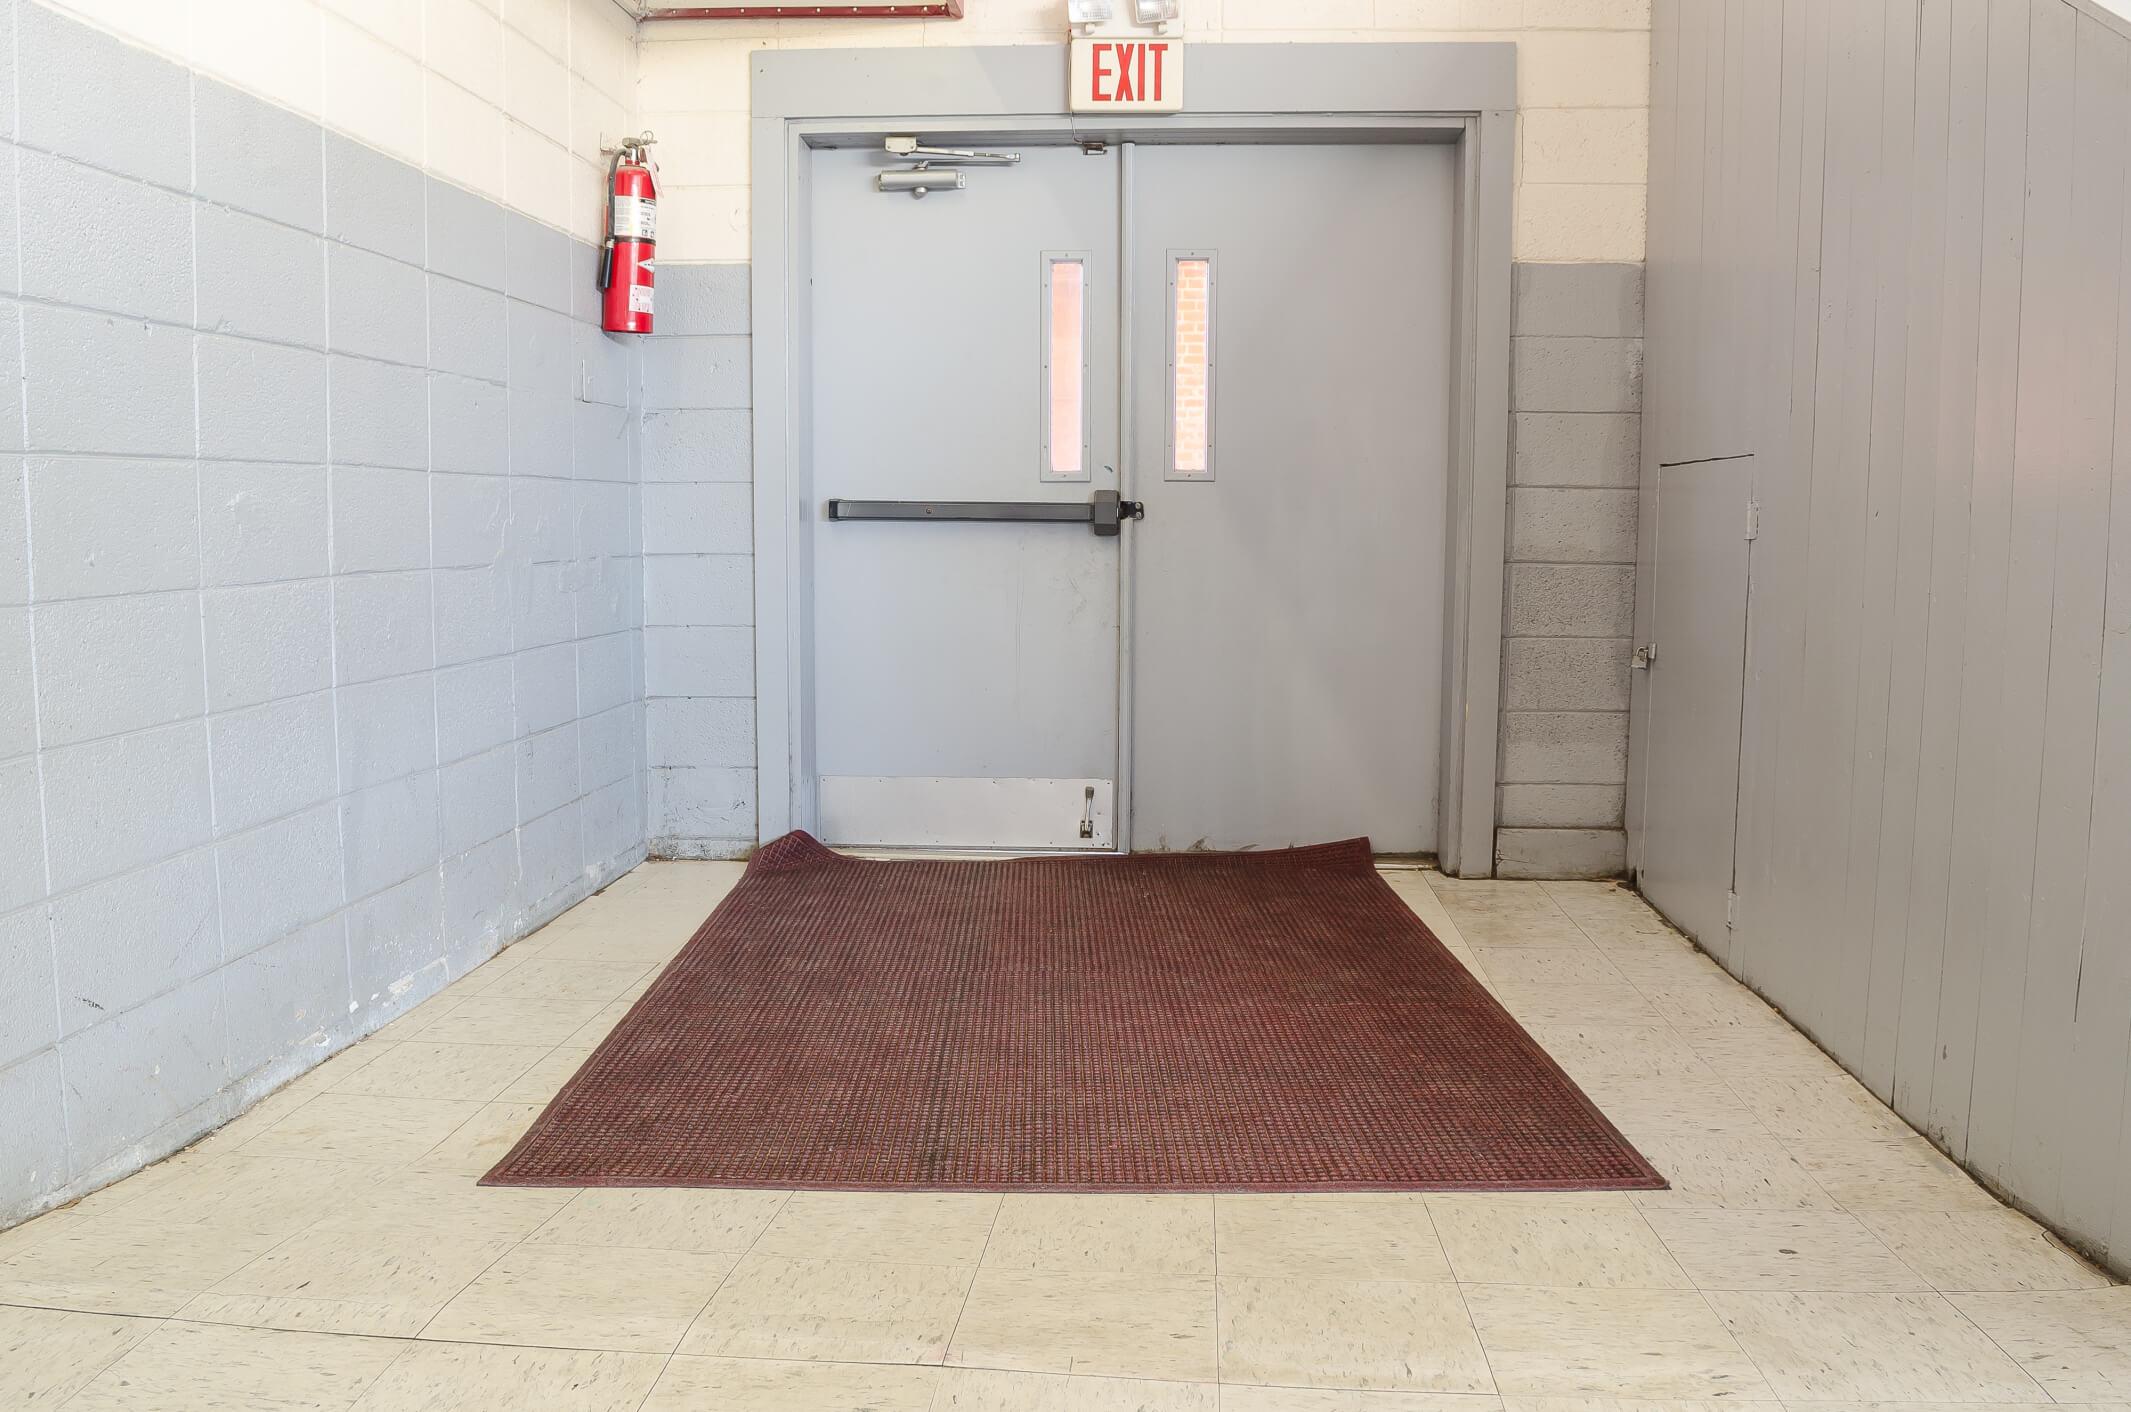 Door Check Sales & Service — Colorado Springs, CO — Products